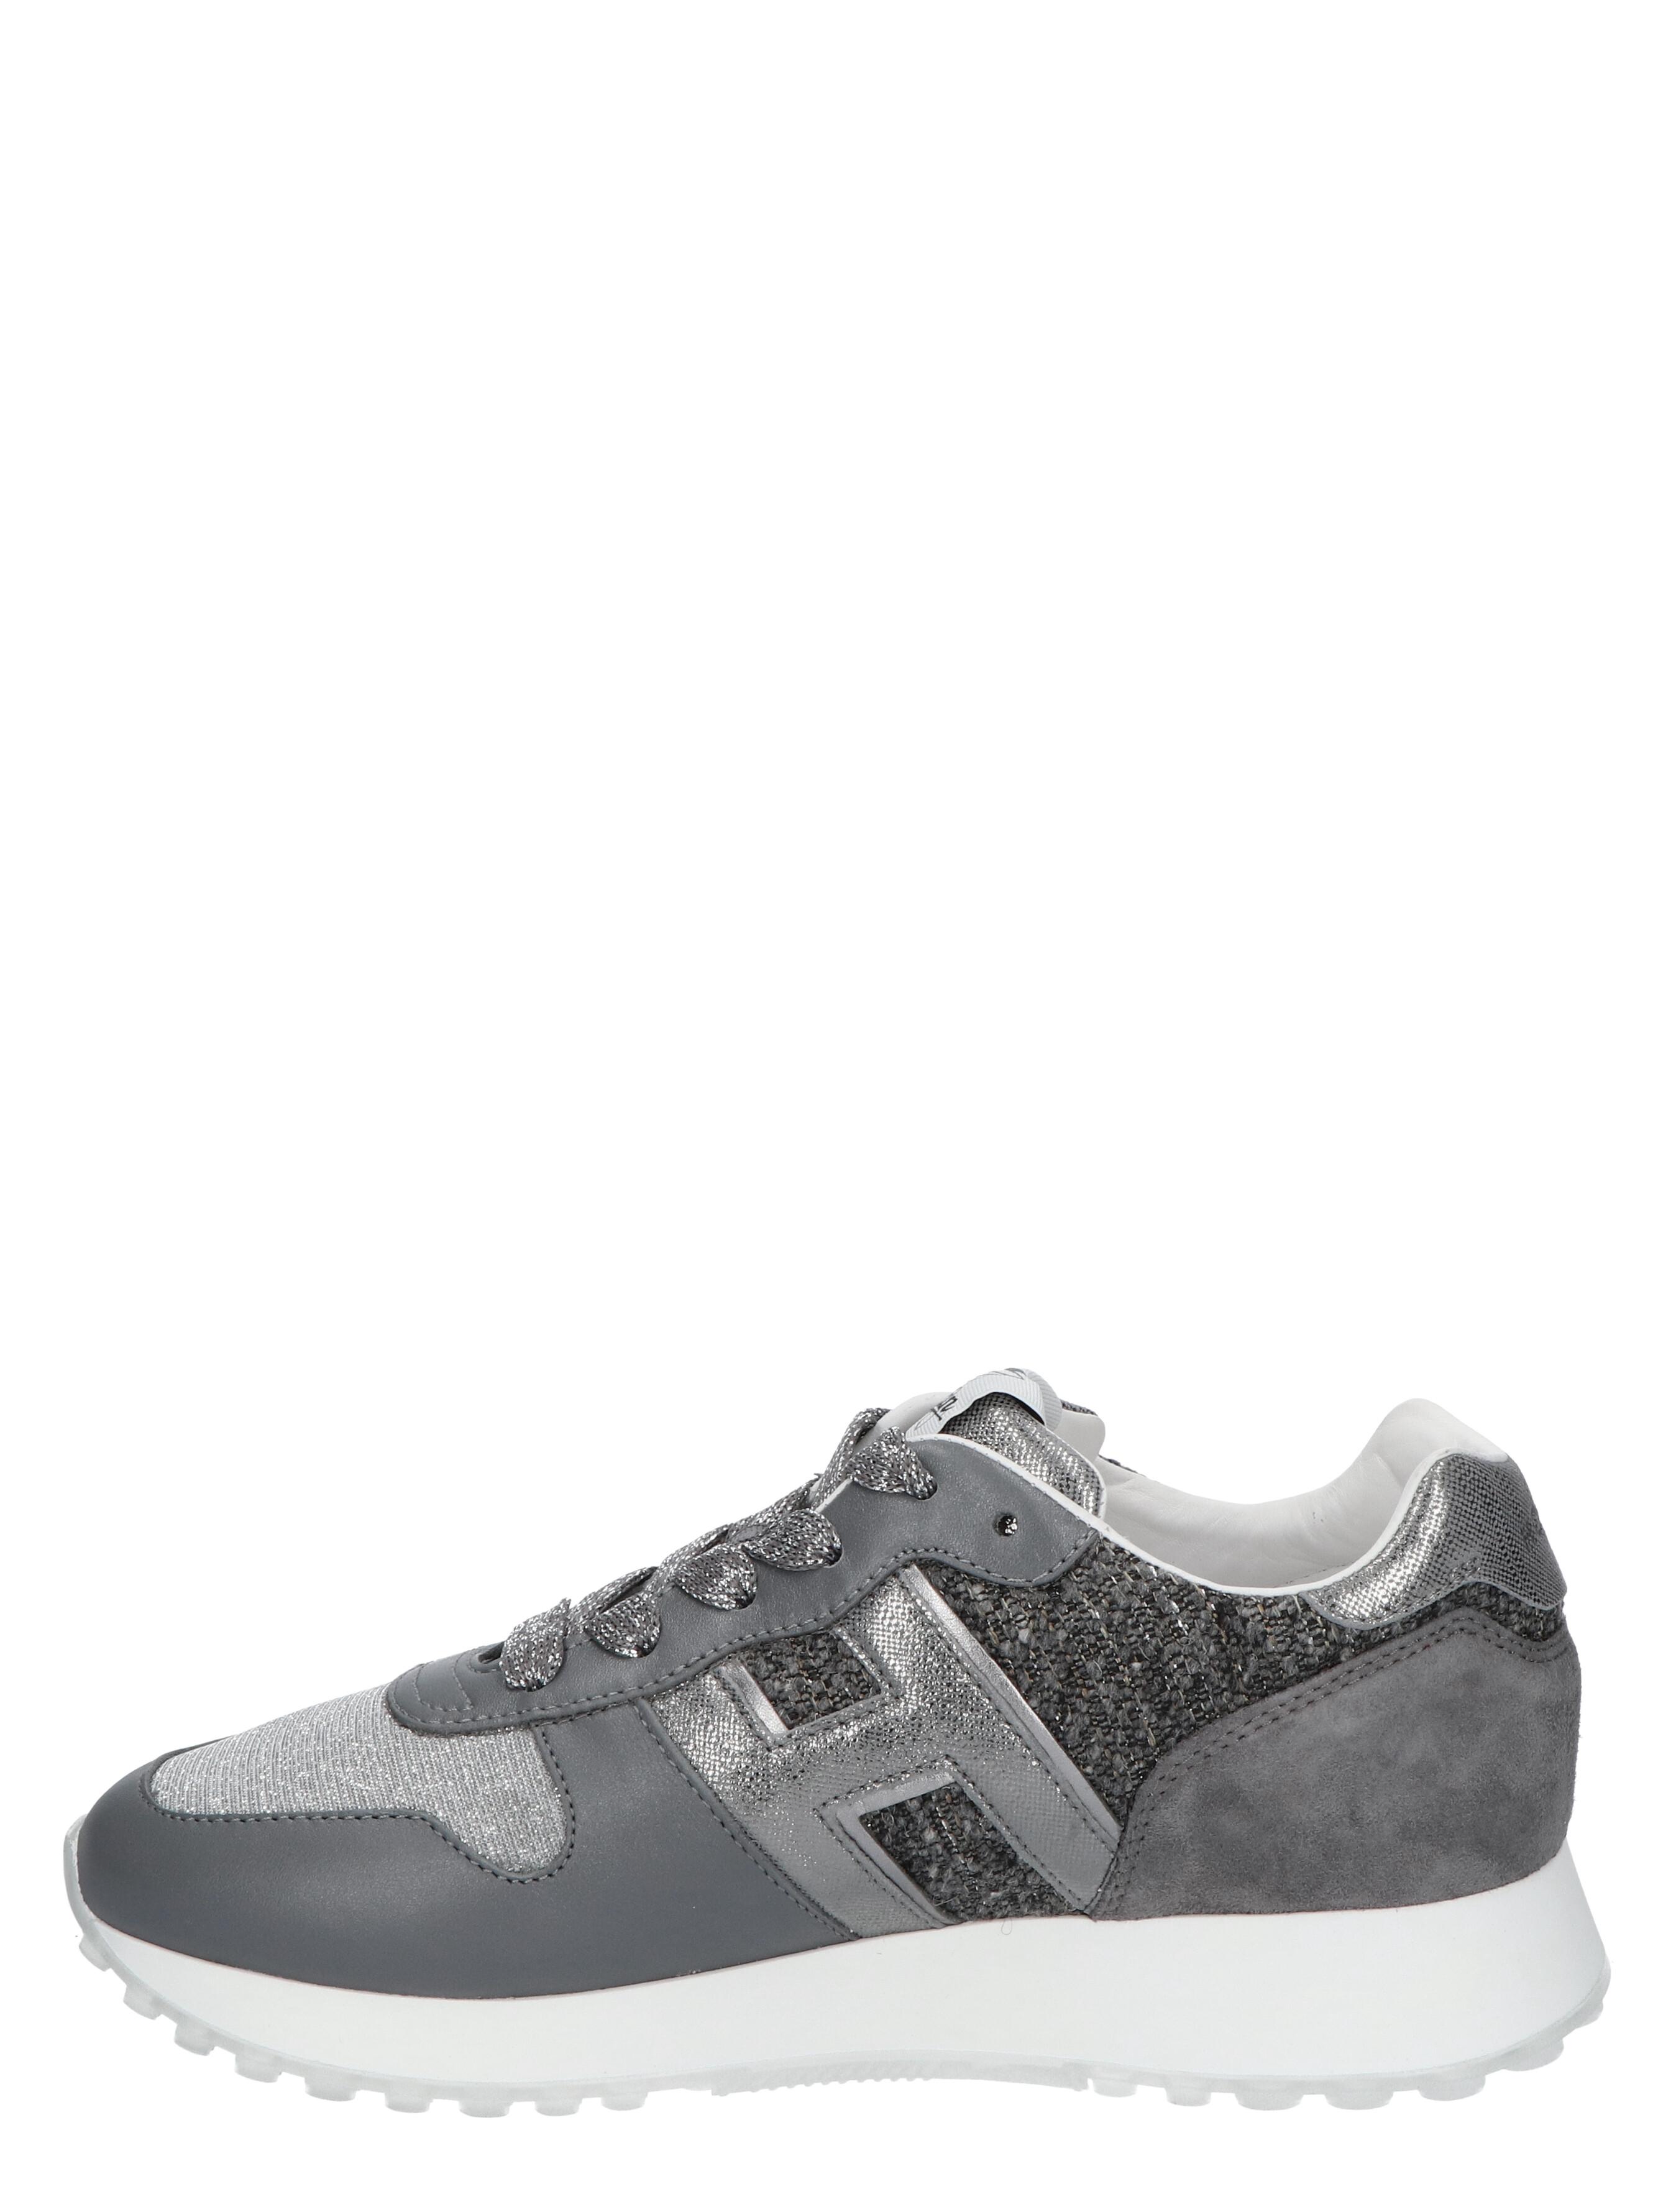 Hogan H383 Grey Lage sneakers